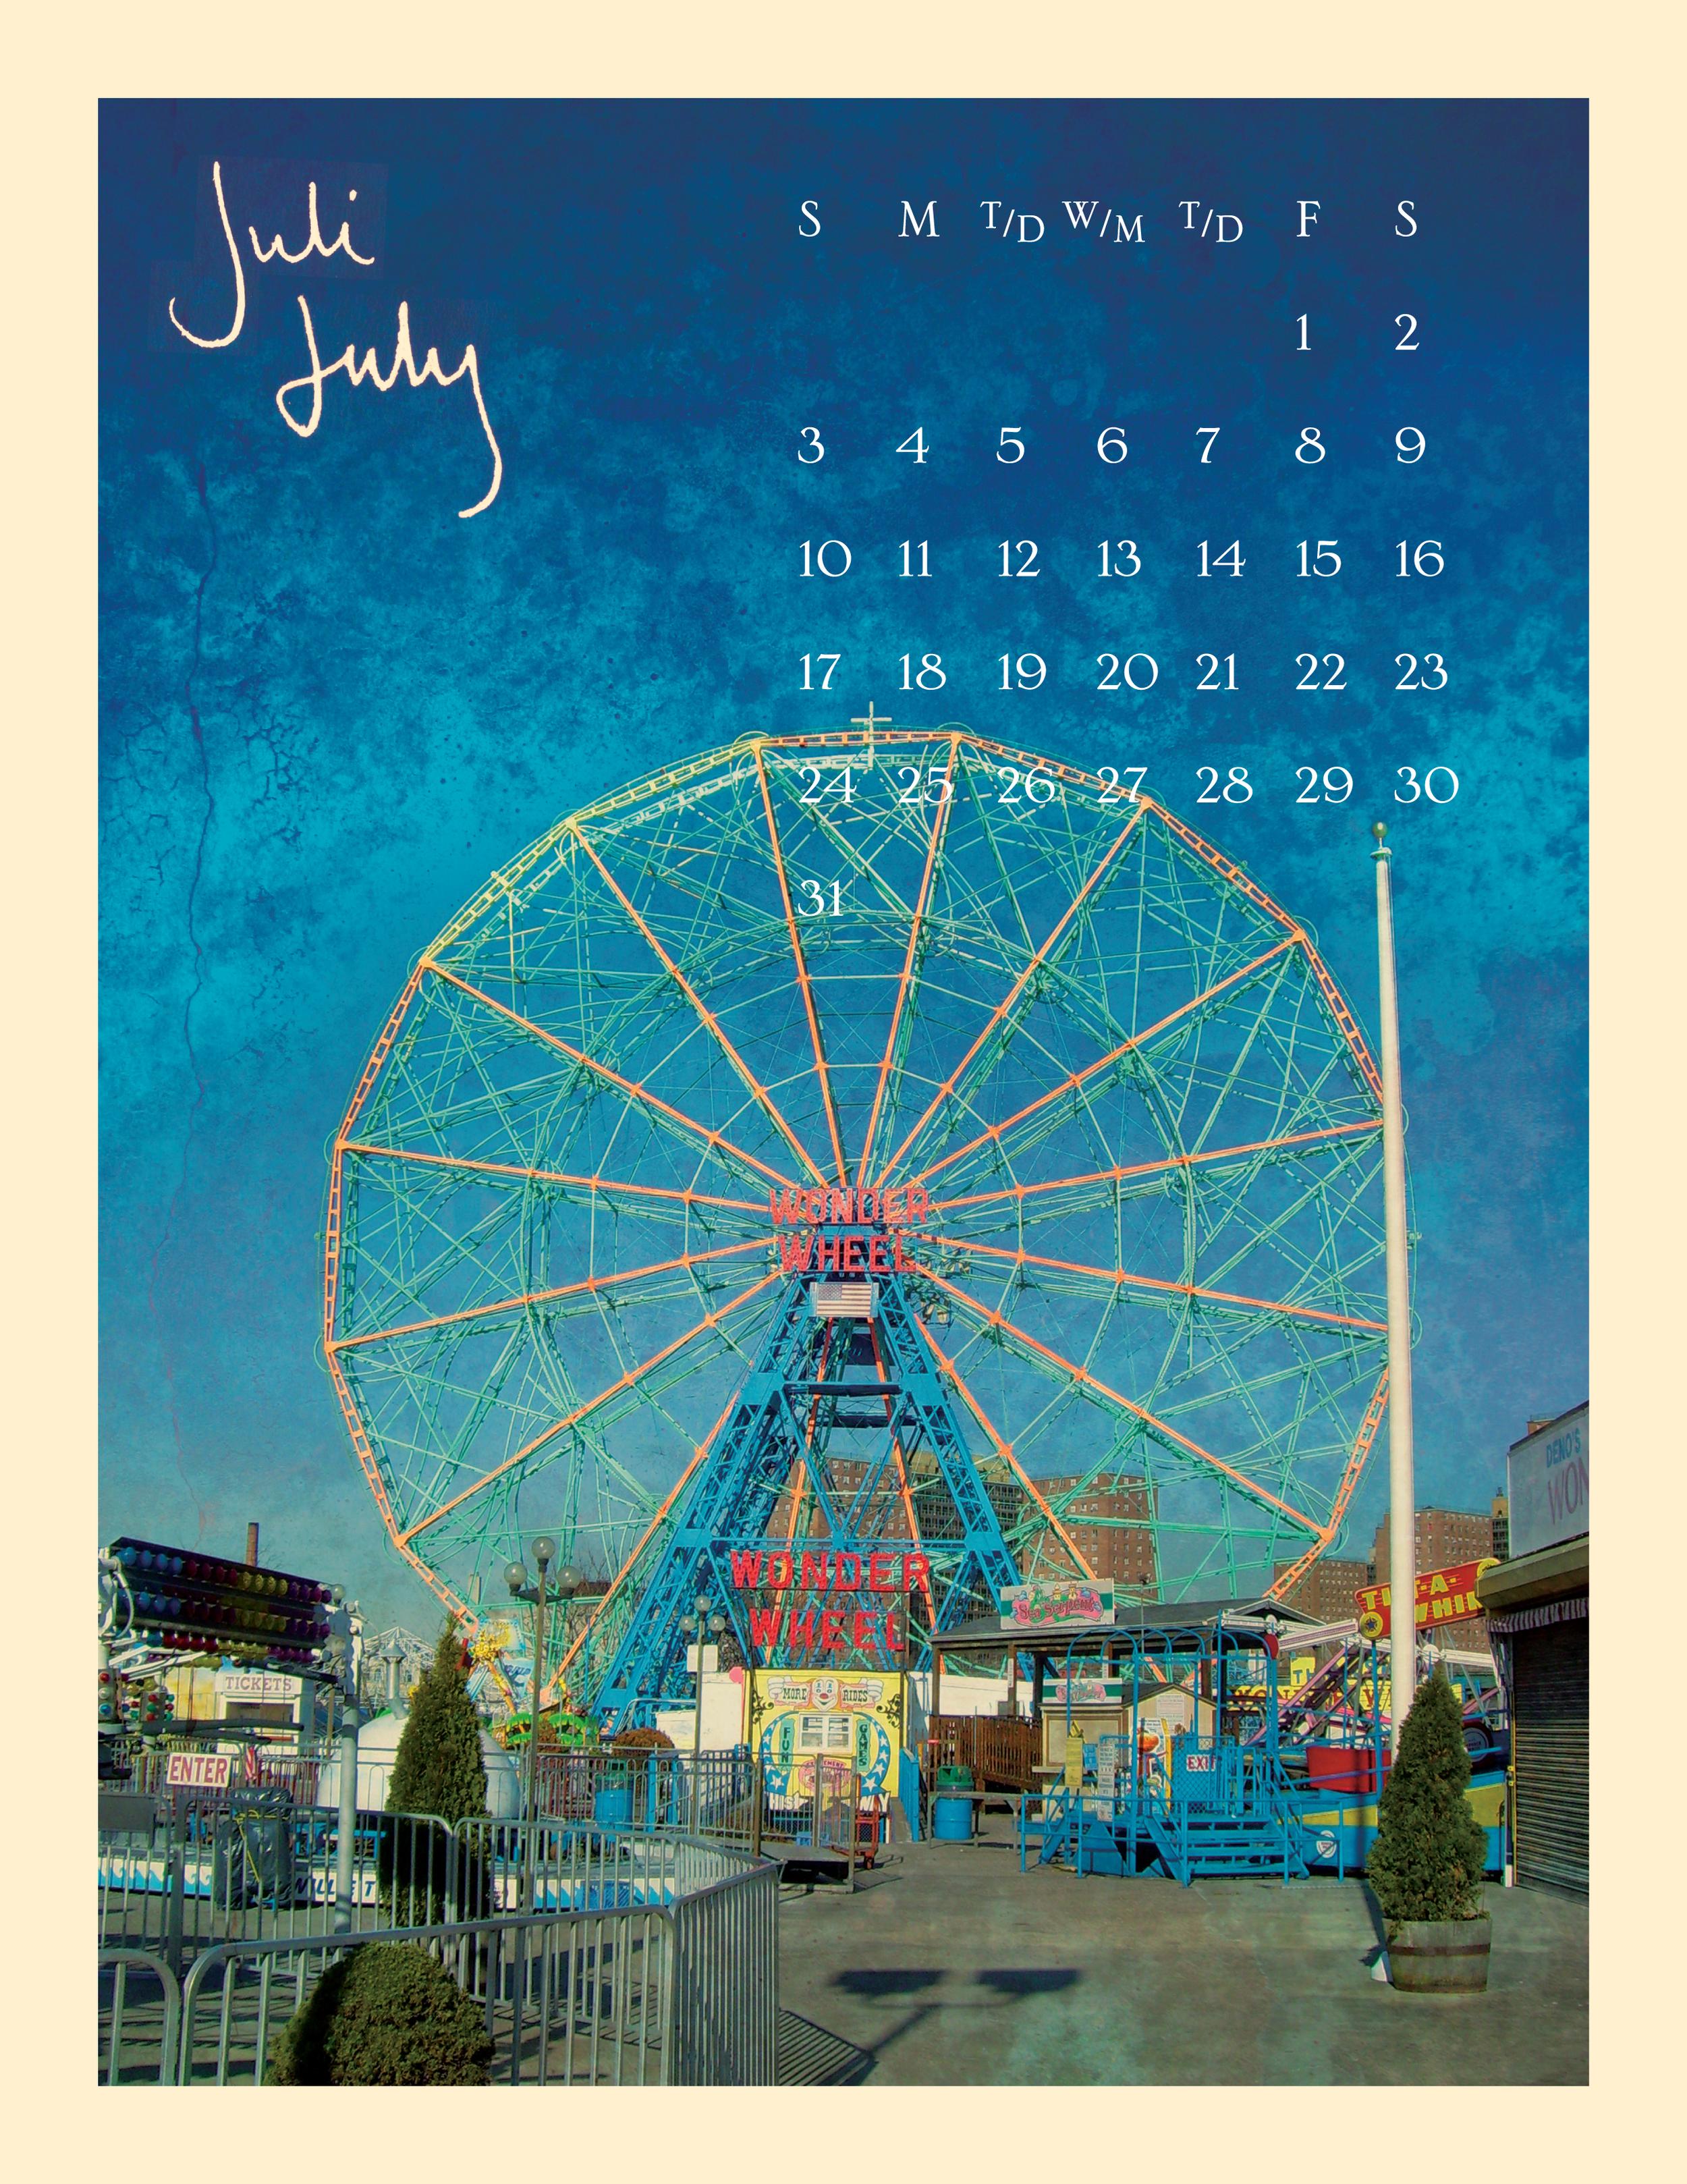 2011 calendar foolproof-7.jpg